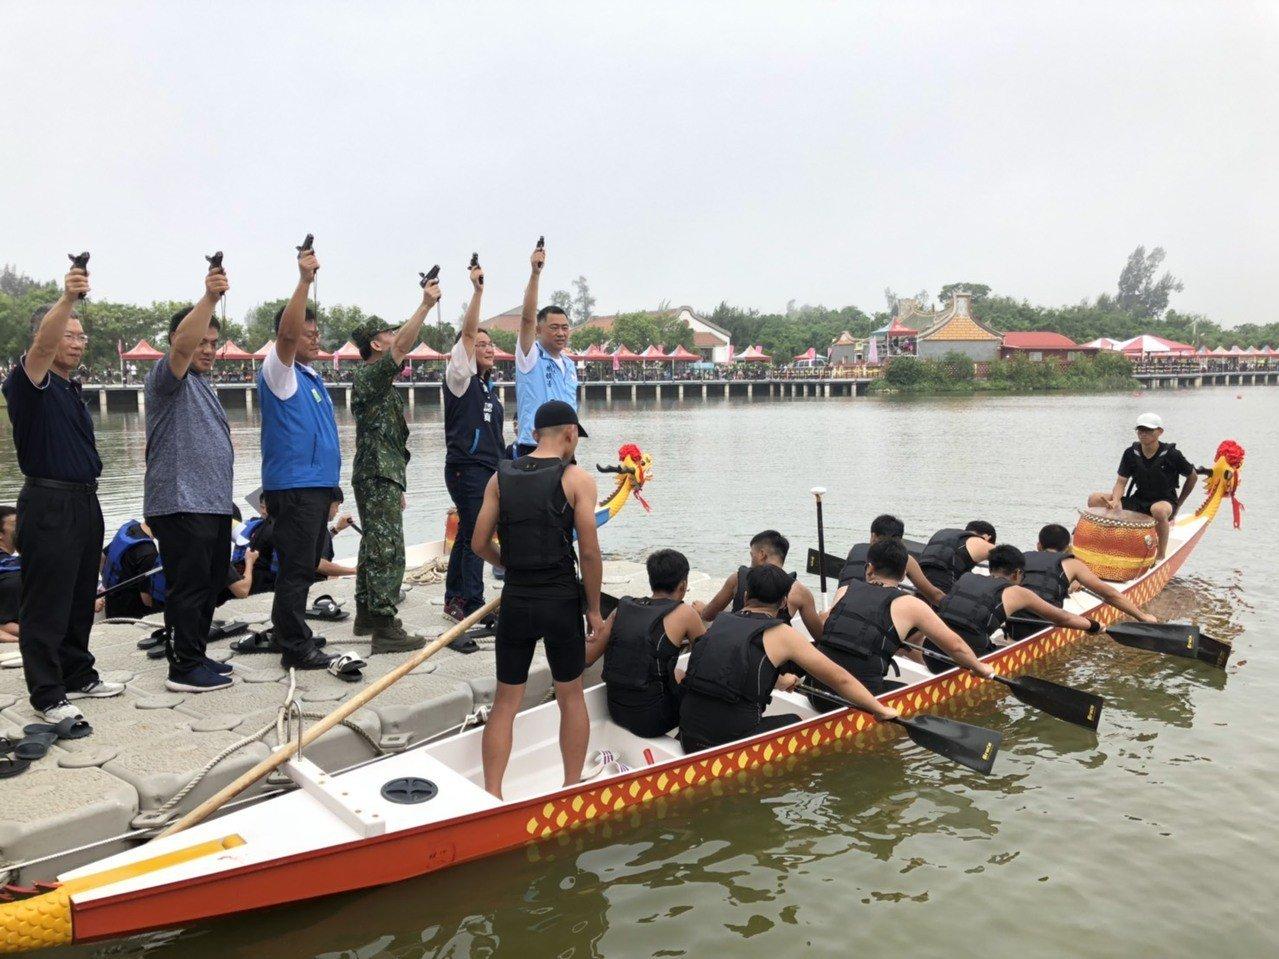 台北龍舟賽/「去年被騙」 柯文哲今年沒下水